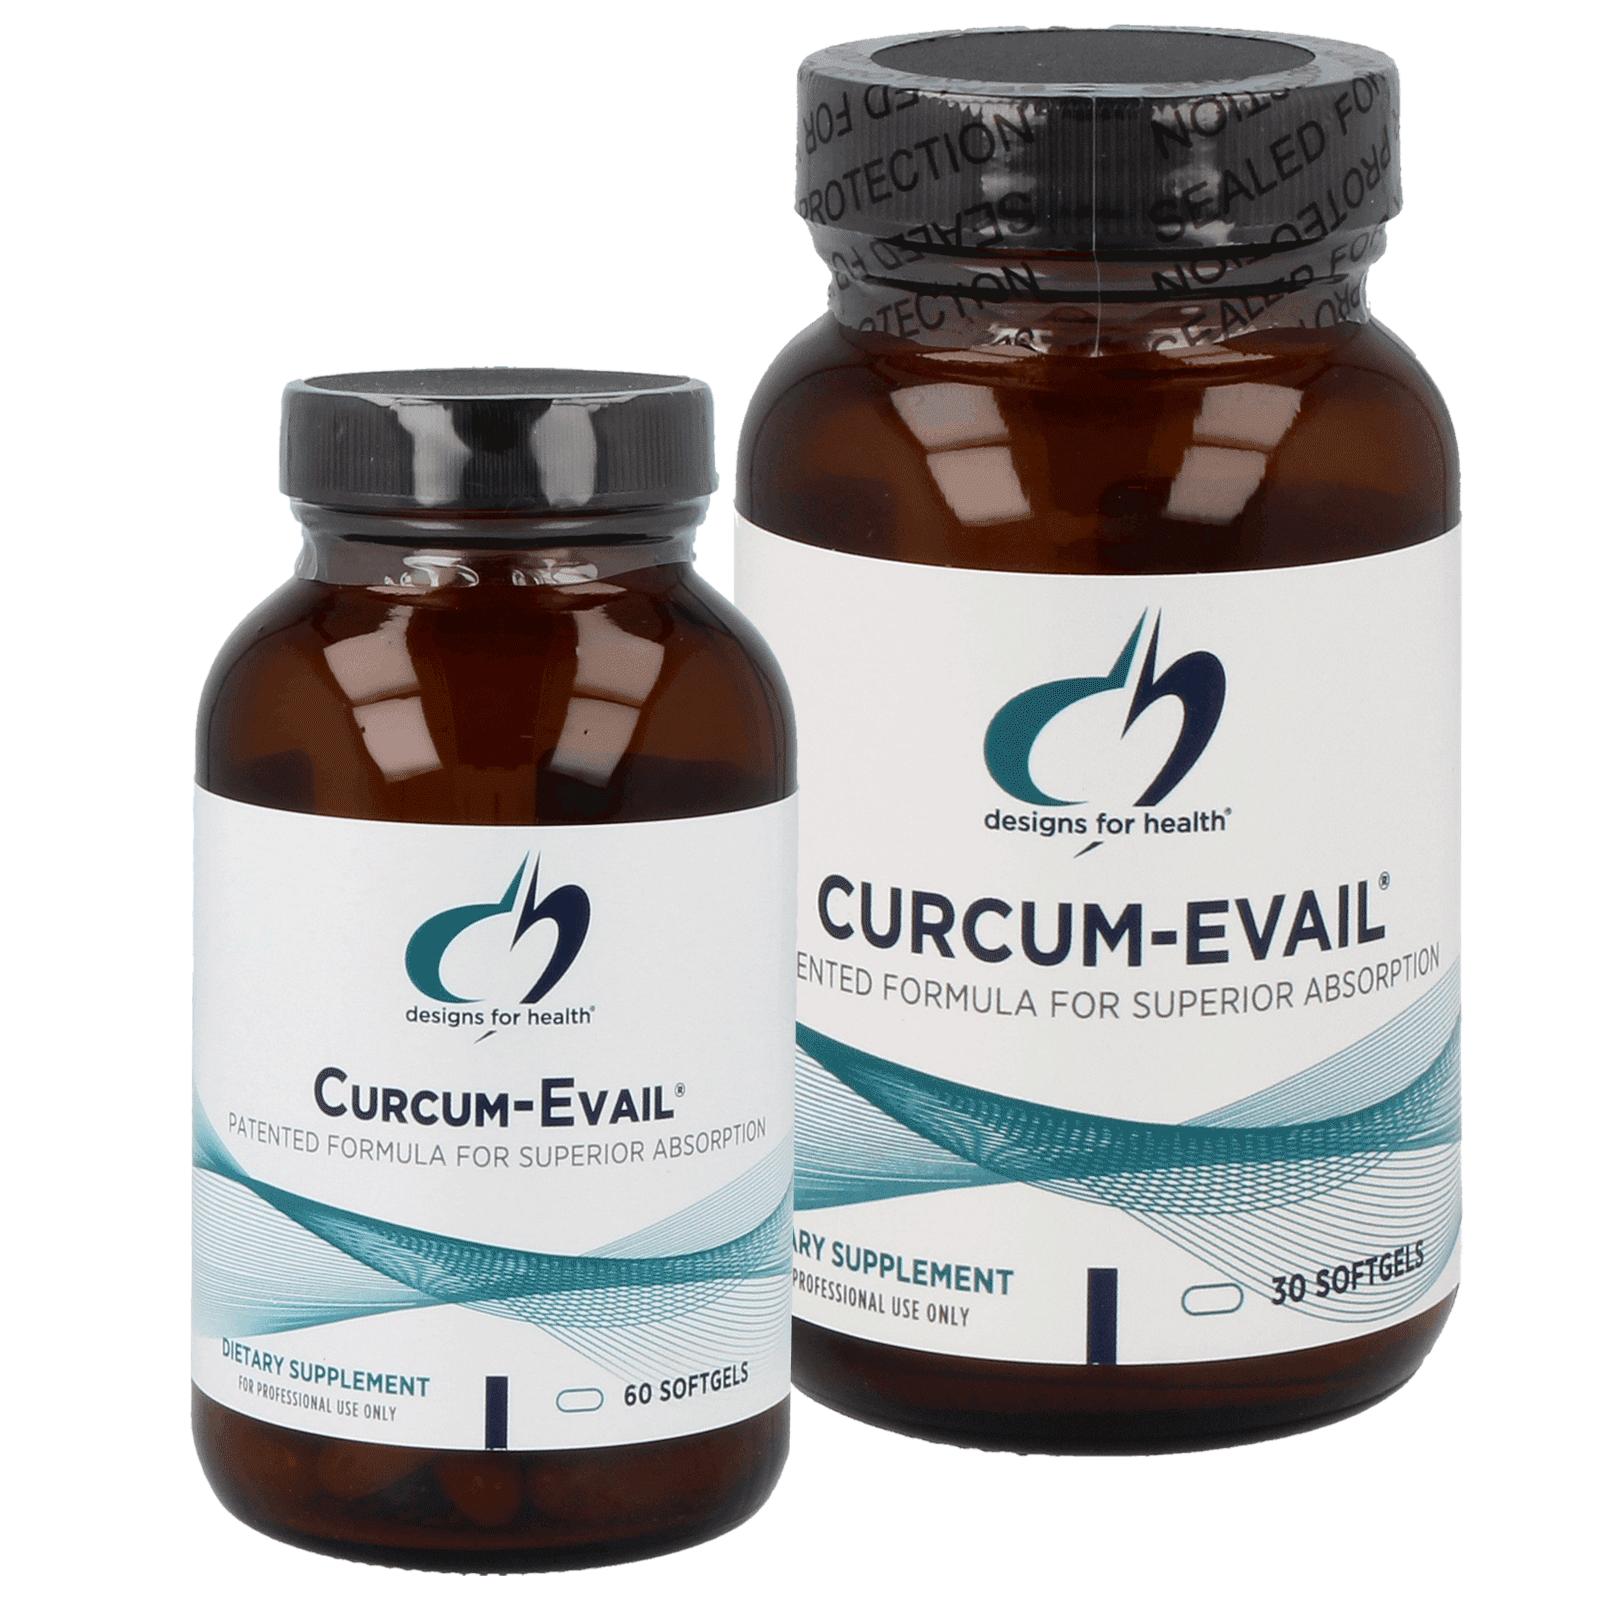 Curcum-Evail®